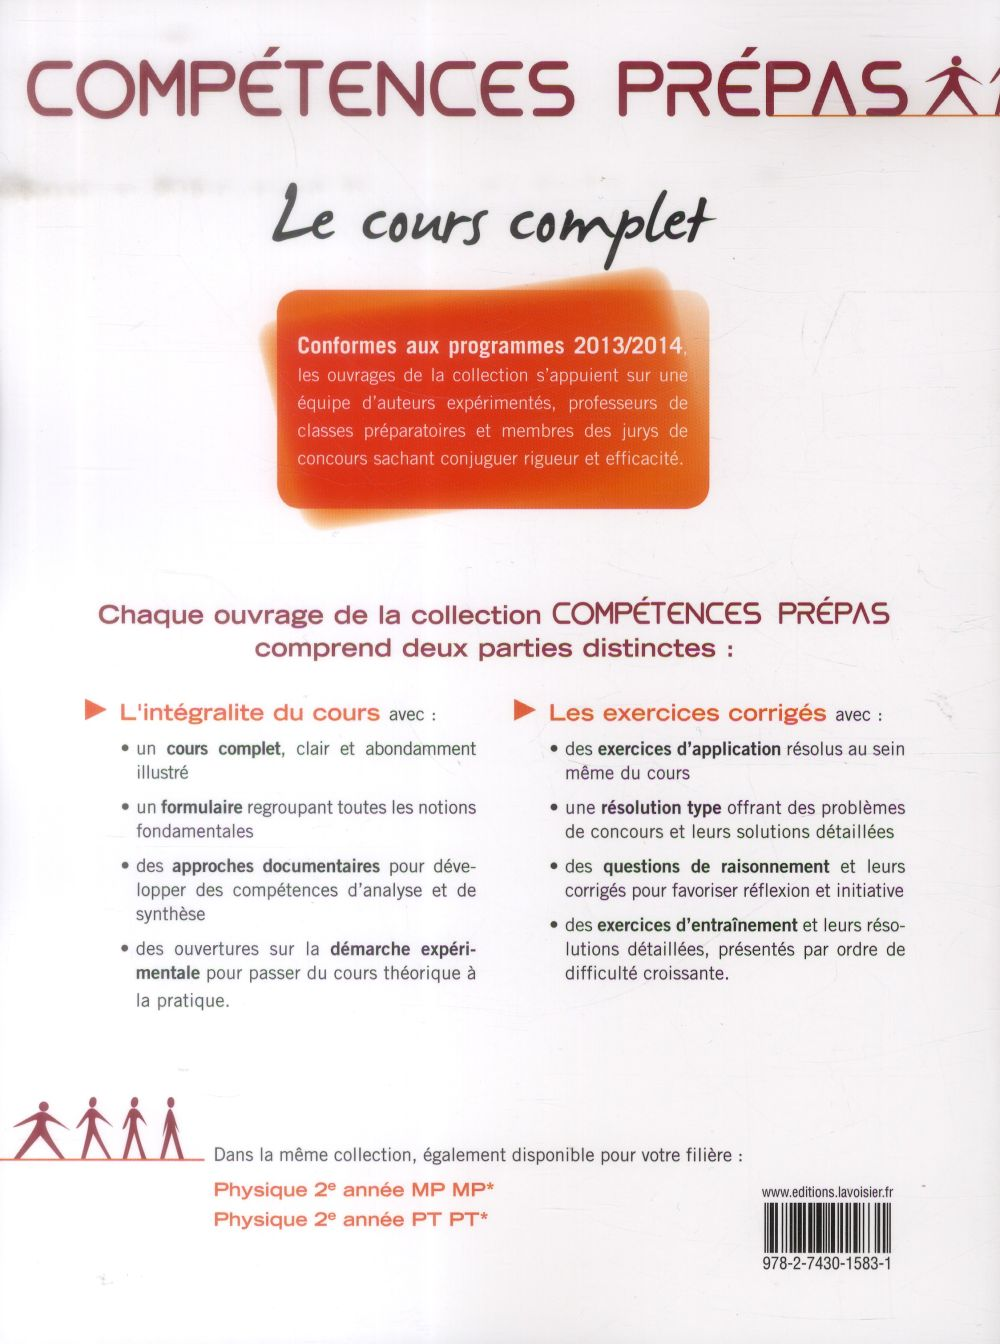 COMPETENCES PREPAS ; chimie ; 2e année MP MP - PT PT